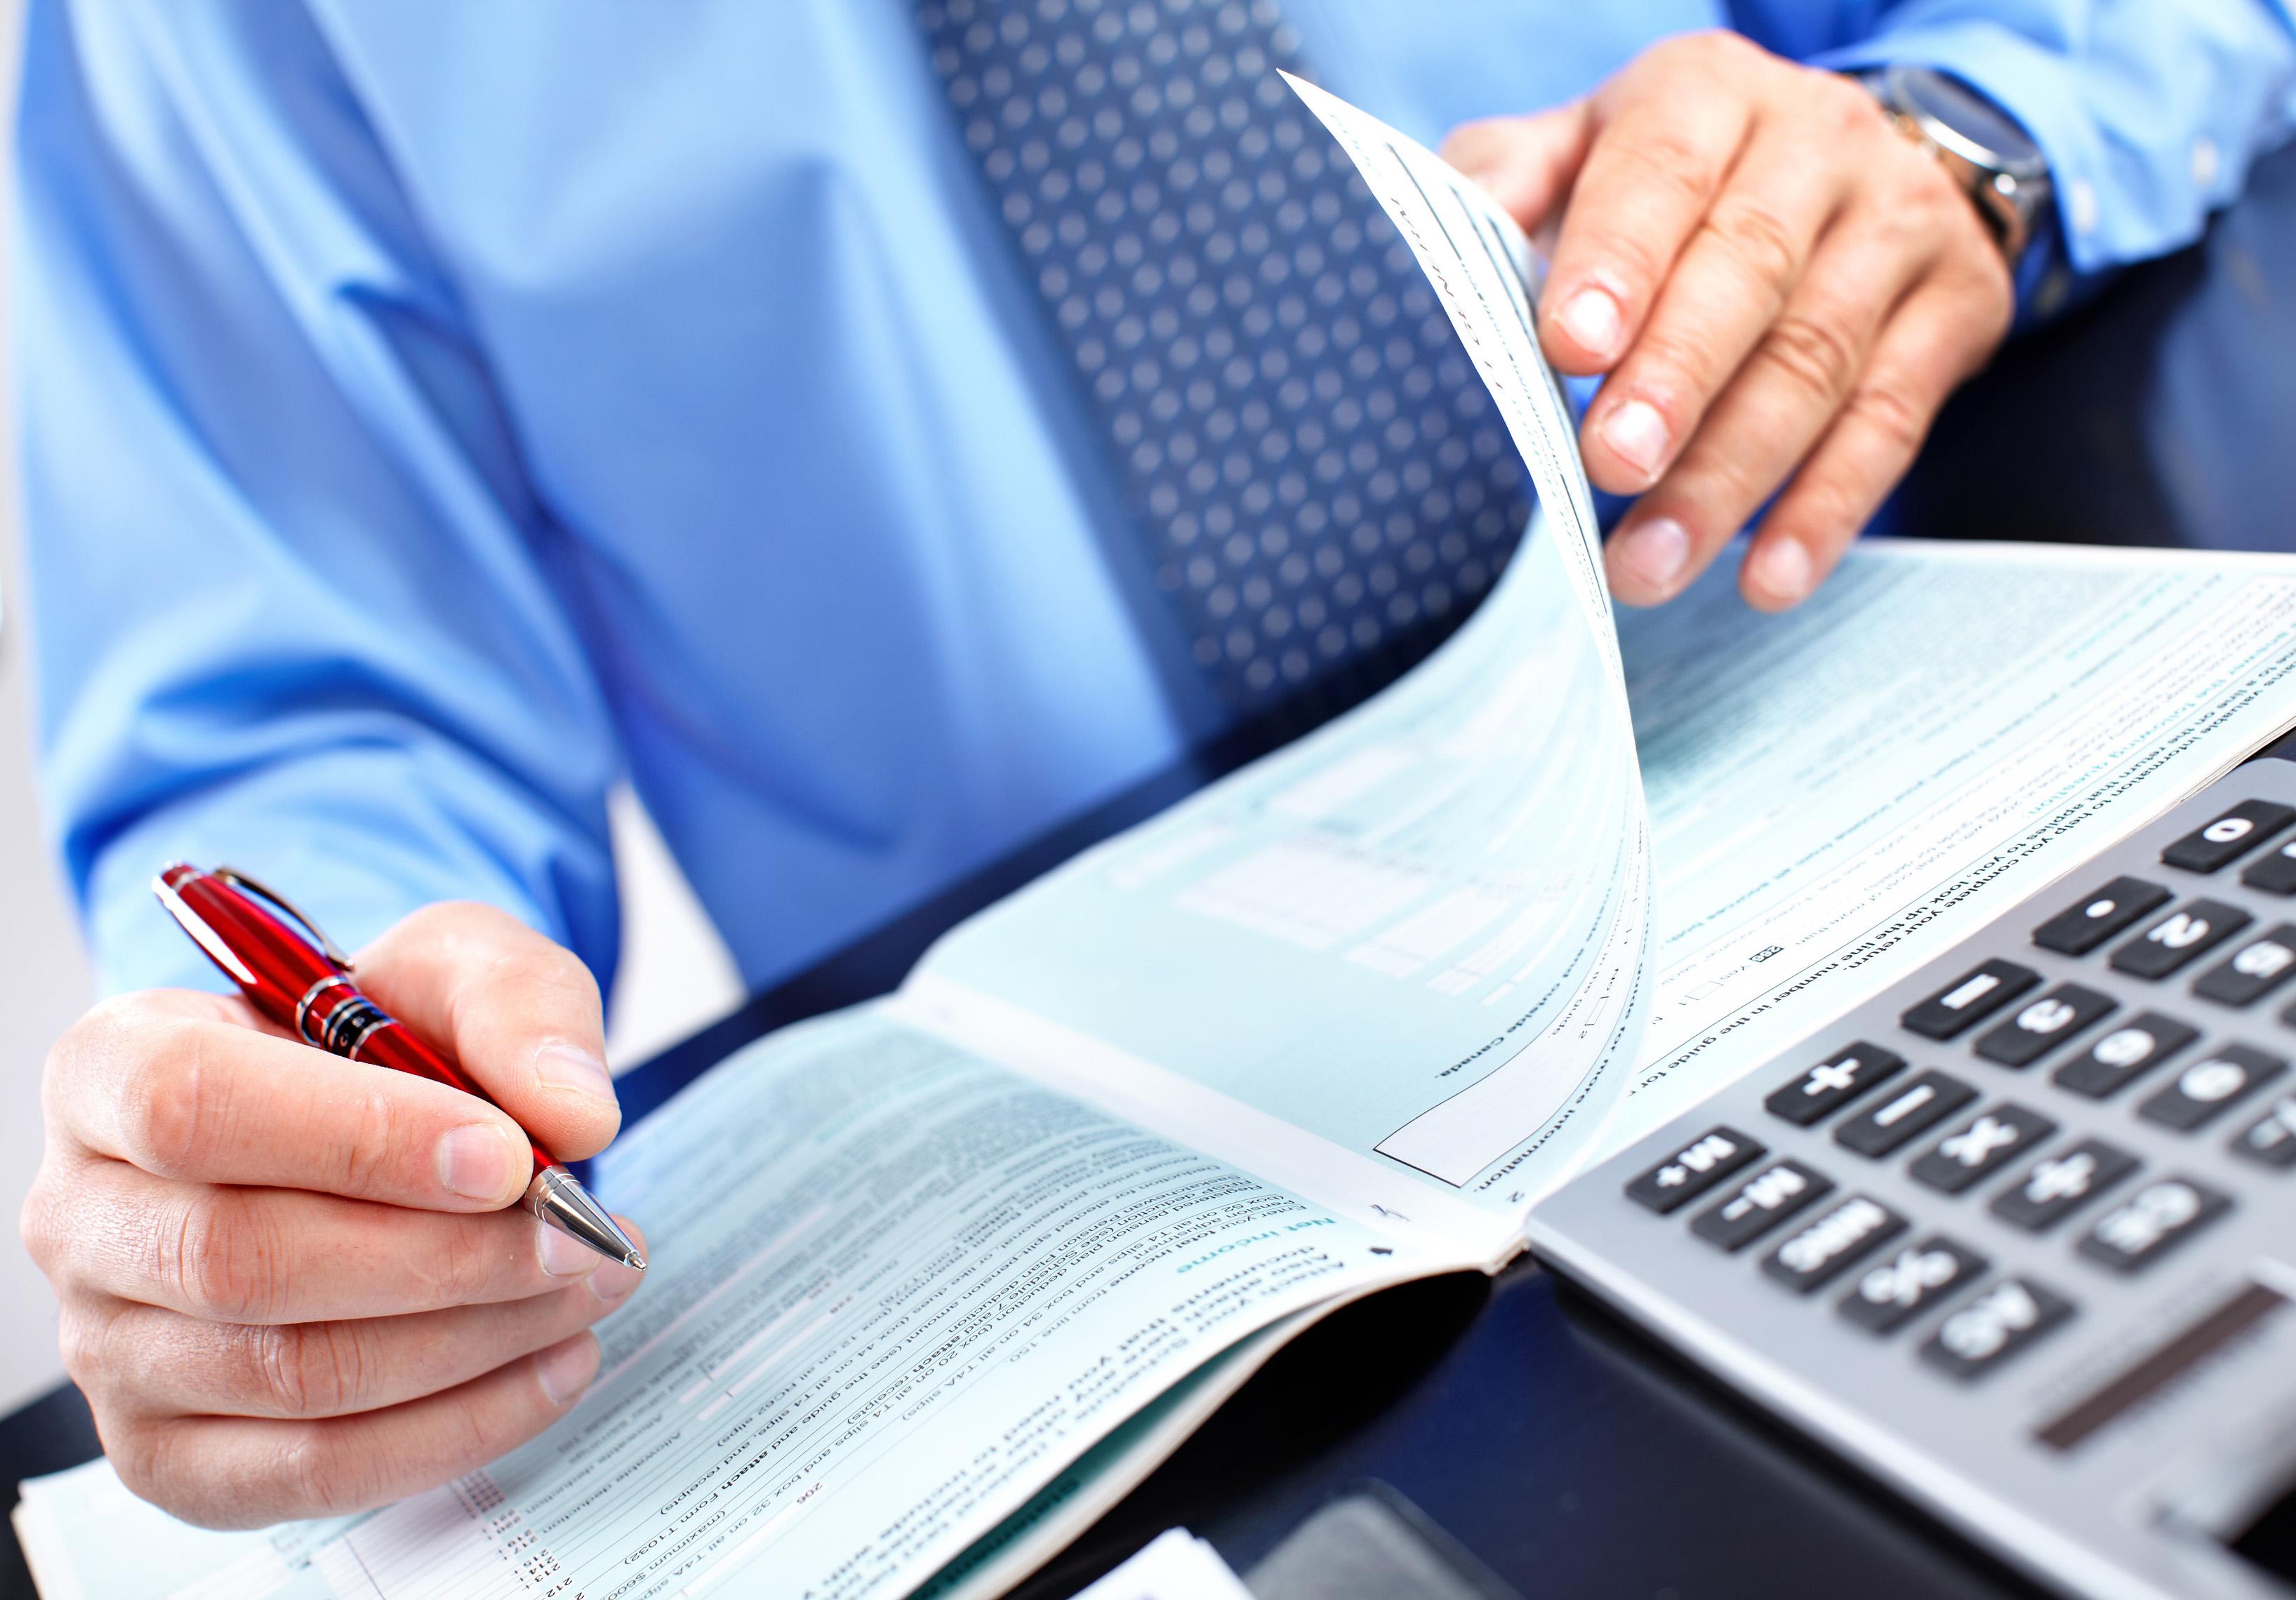 Dịch vụ viết bài chuẩn seo thực hiện dự án cho Dịch vụ kế toán G-Tax